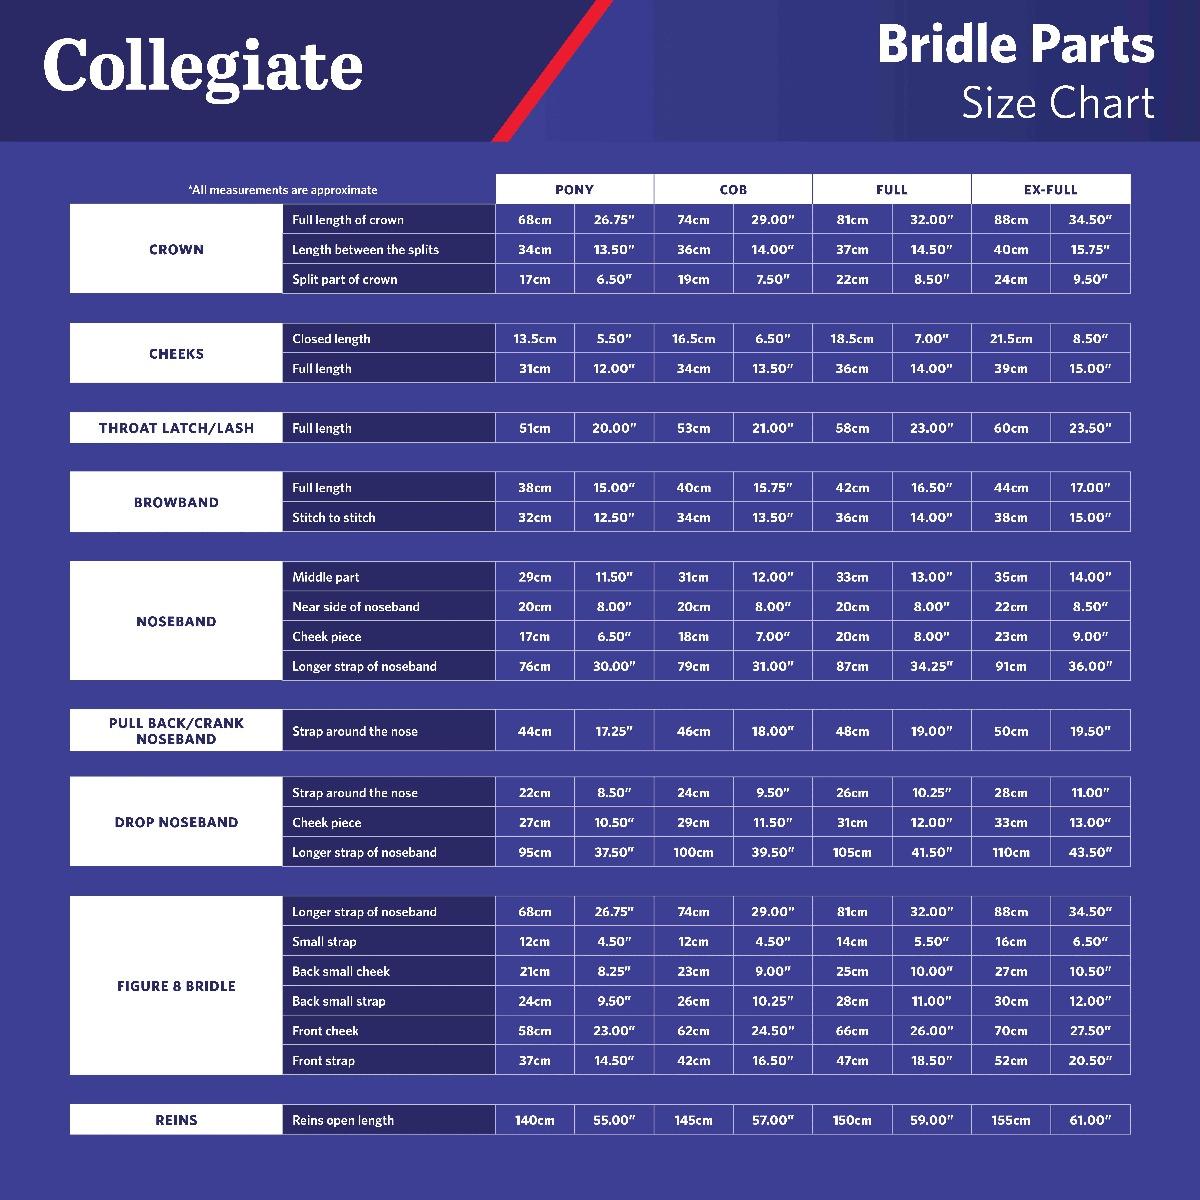 Bridle Parts Size Chart